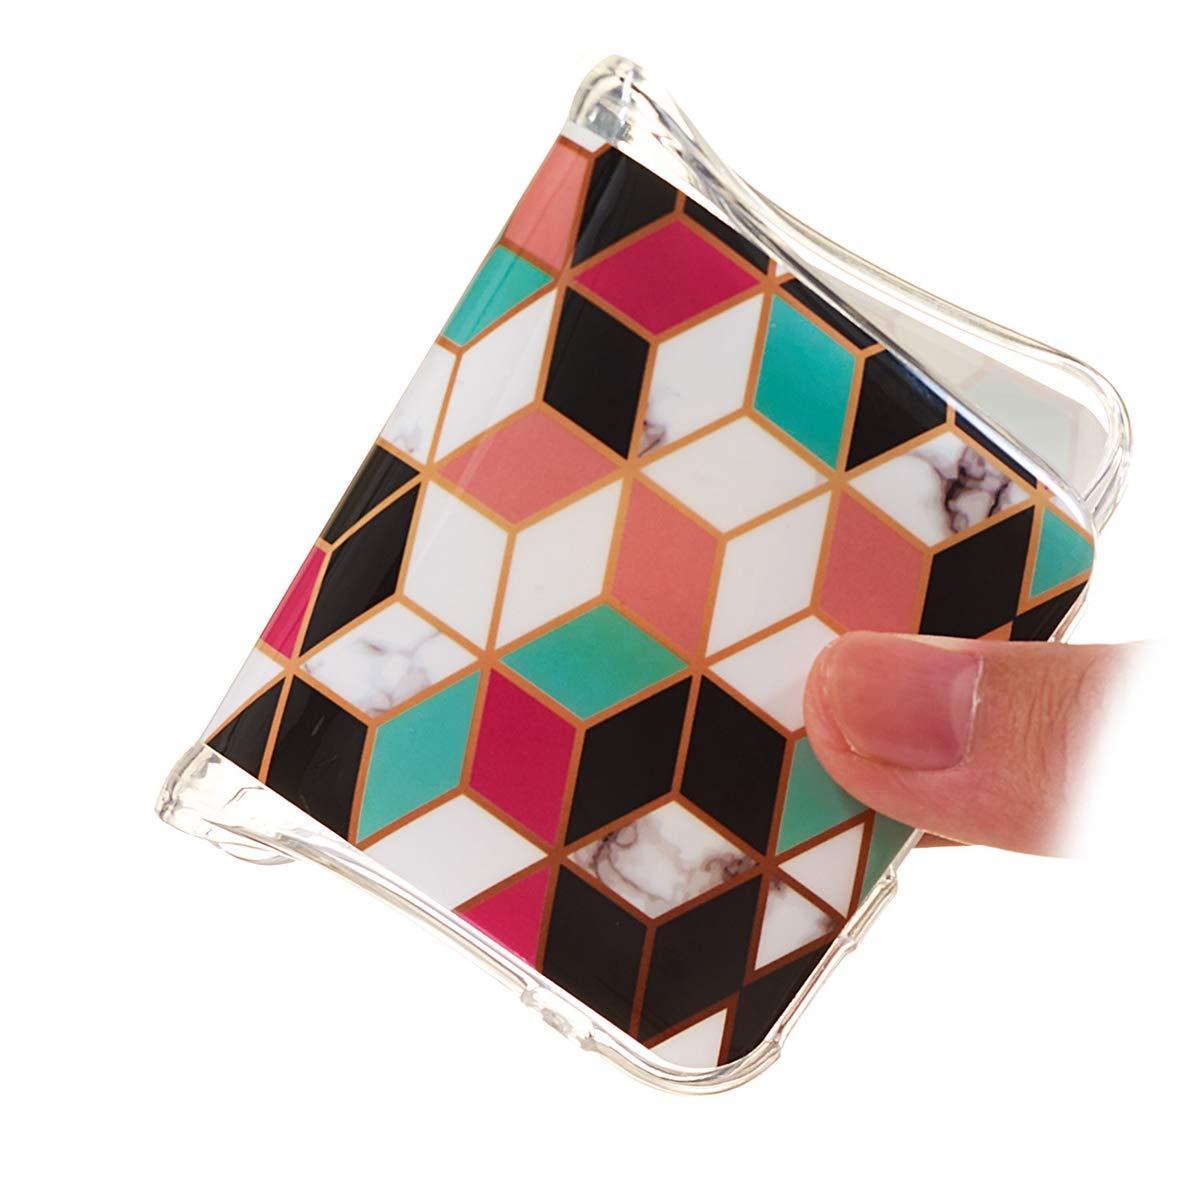 Ultra Mince TPU Souple Flexible Housse Etui de Protection Anti-Choc Anti-Rayures Bumper Tricolores+Stripes+Ecriture Noir Misstars 3X Coque en Silicone pour Huawei P30 Marbre